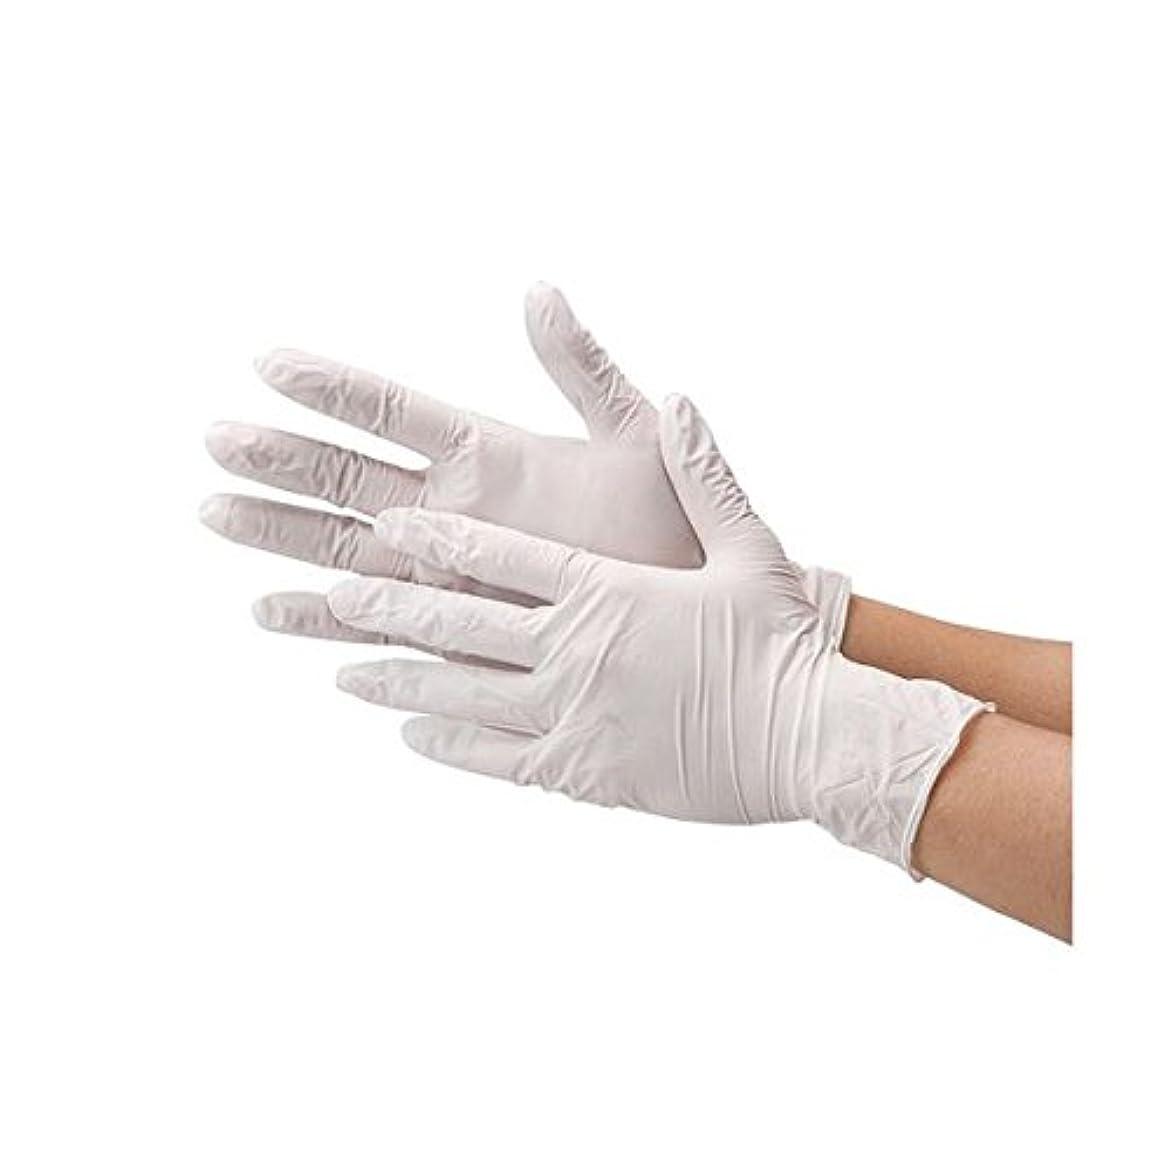 鉄温度計蒸し器川西工業 ニトリル極薄手袋 粉なしホワイトM ダイエット 健康 衛生用品 その他の衛生用品 14067381 [並行輸入品]